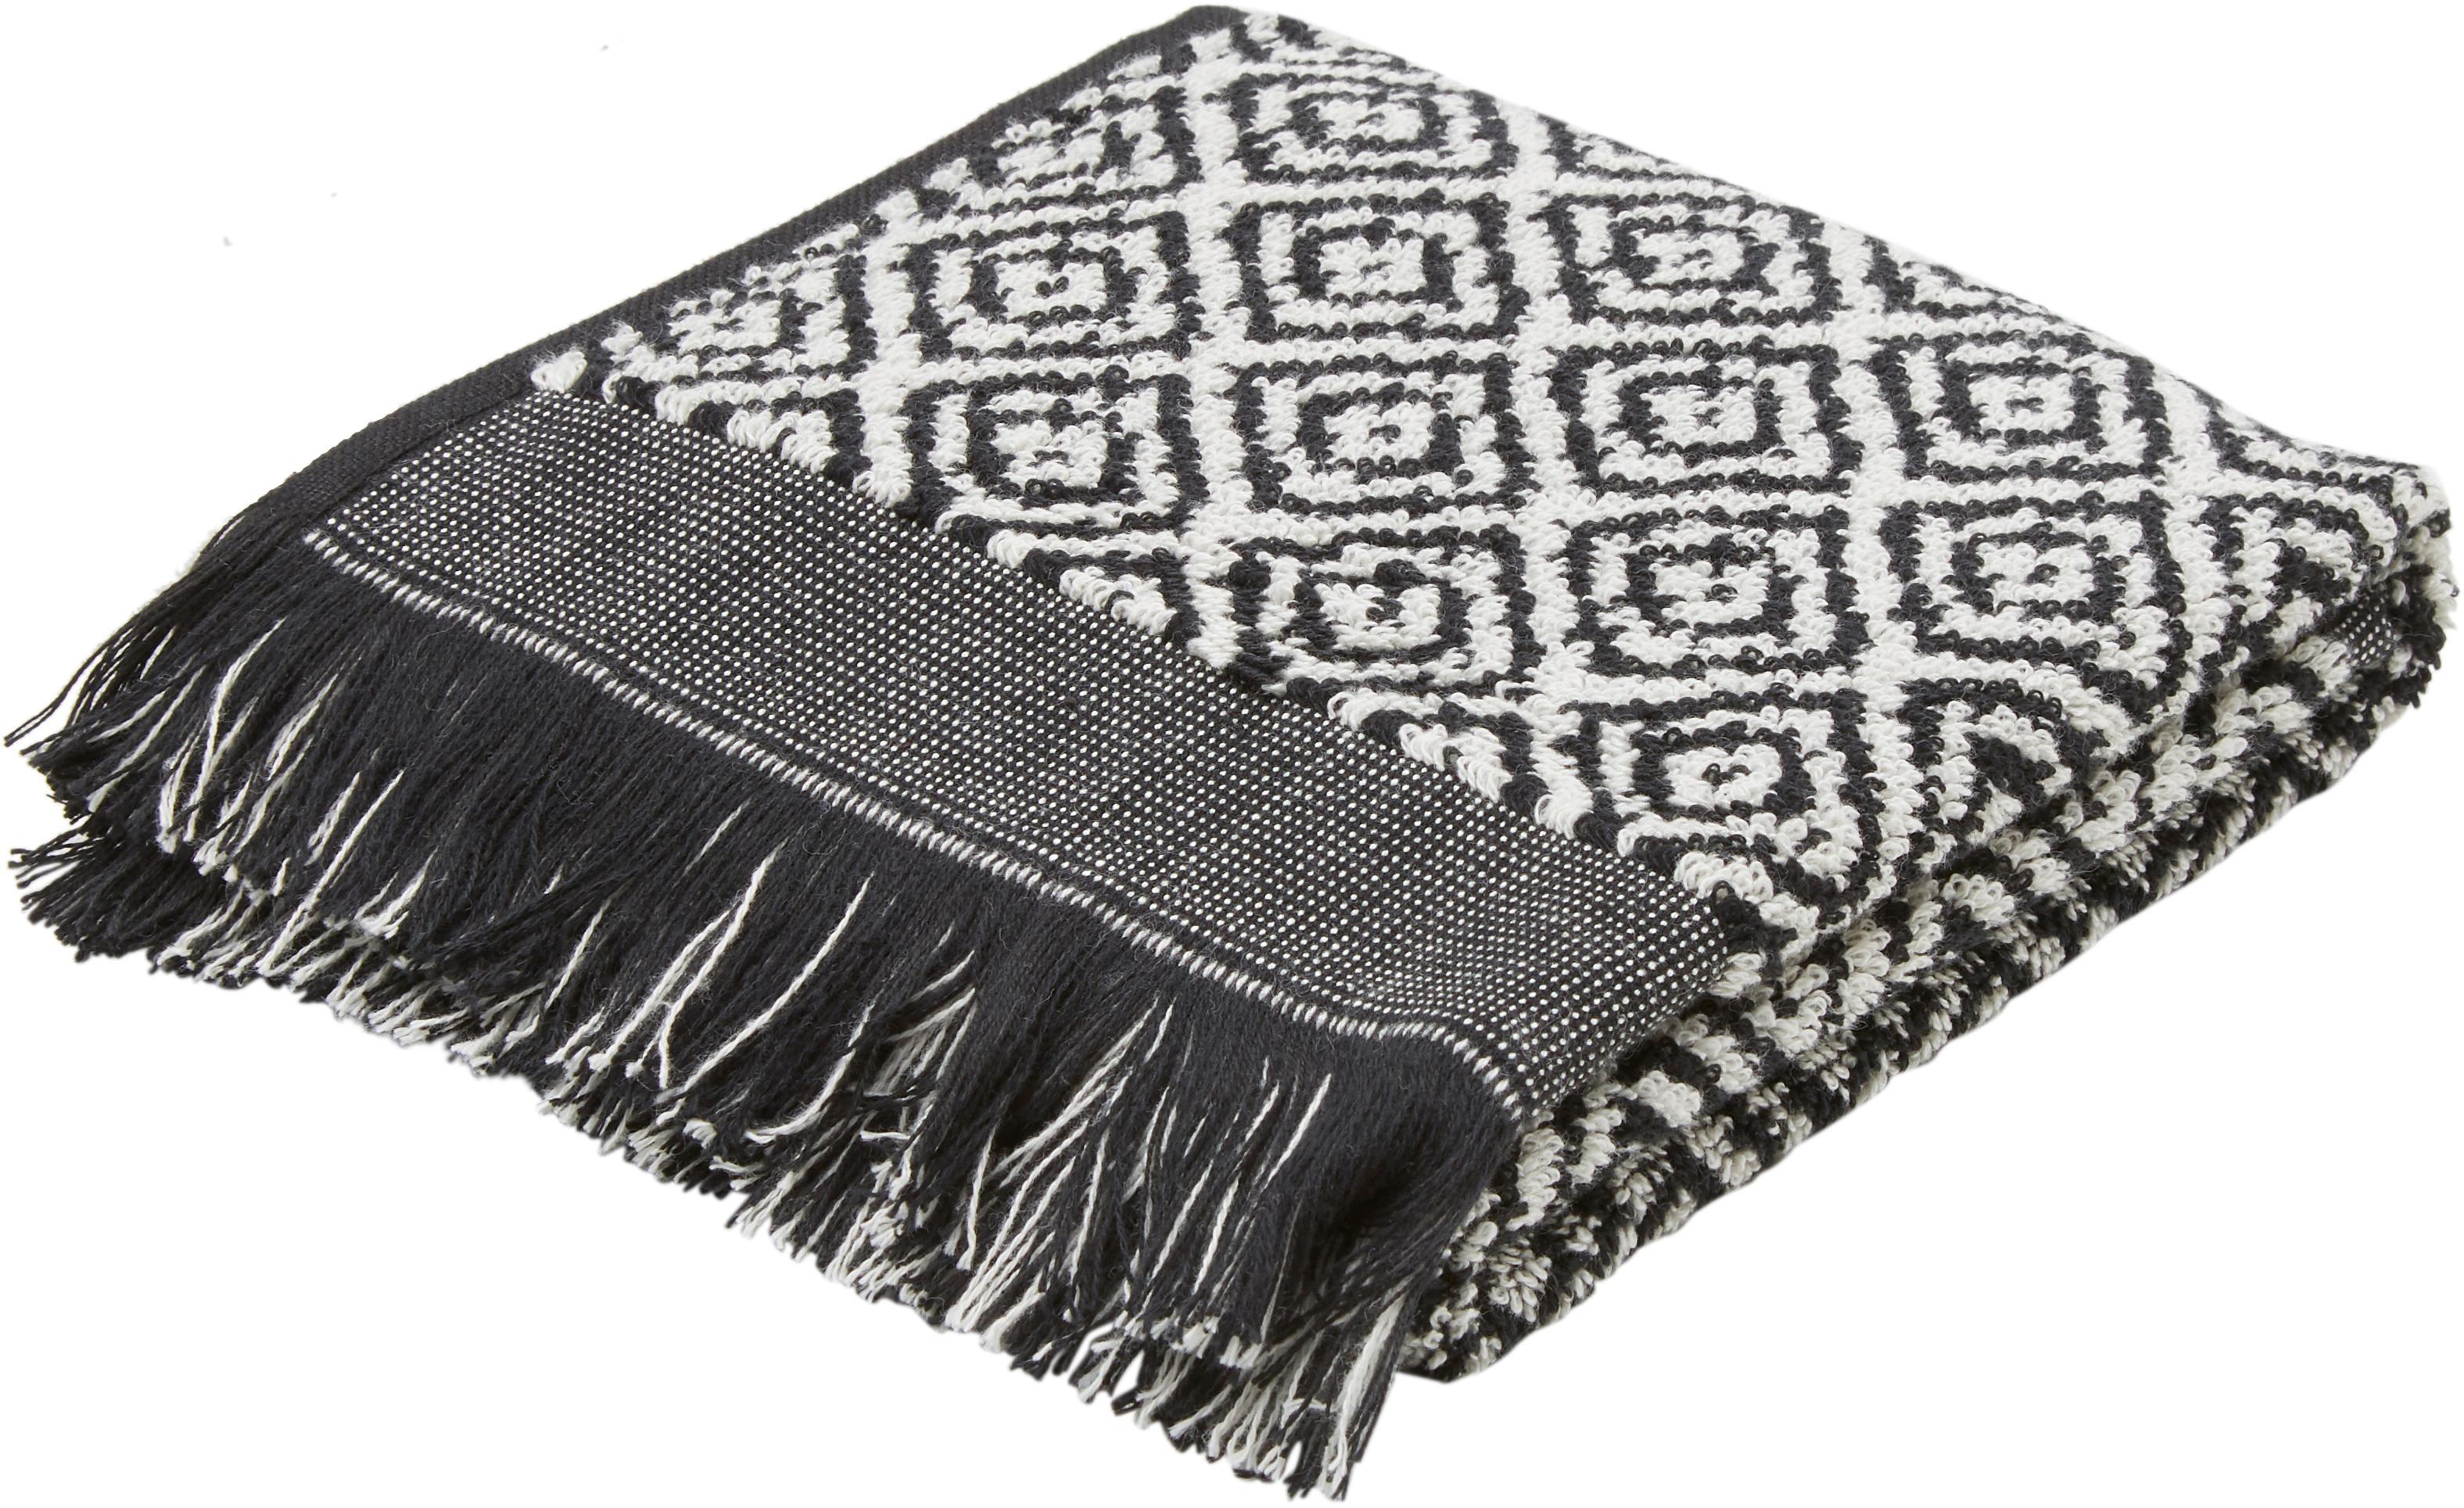 Handdoek Morocco met ruitjesmotief, Katoen, middelzware kwaliteit, 500 g/m², Zwart, wit, Gastendoekje